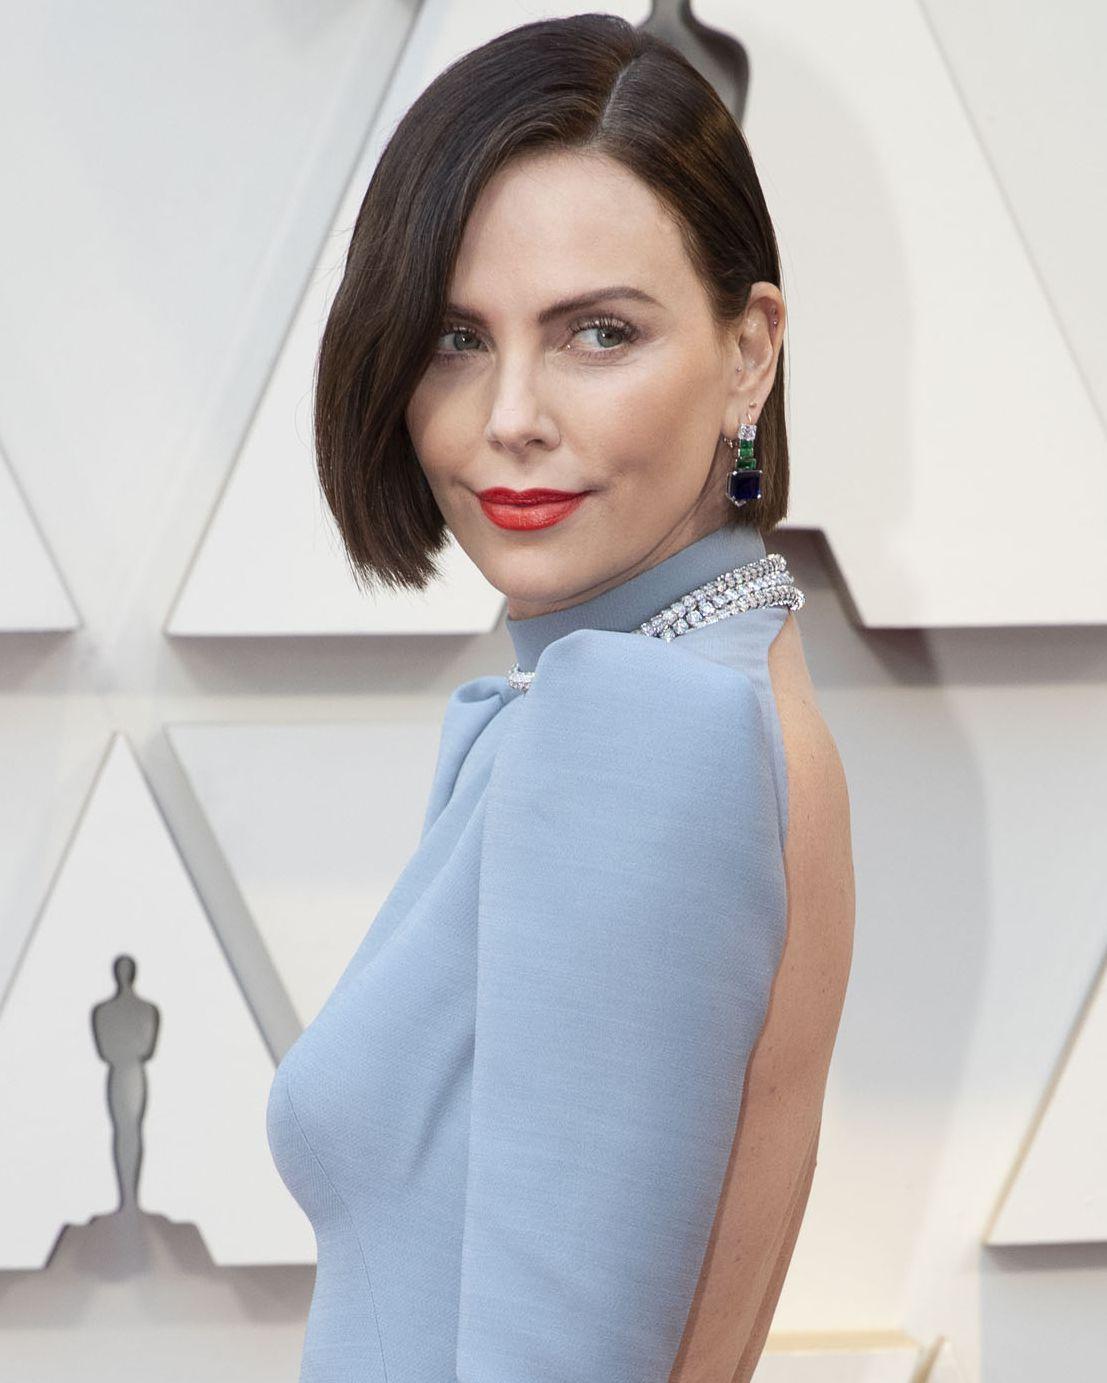 05 phong cách trang điểm và làm tóc Oscars 2019